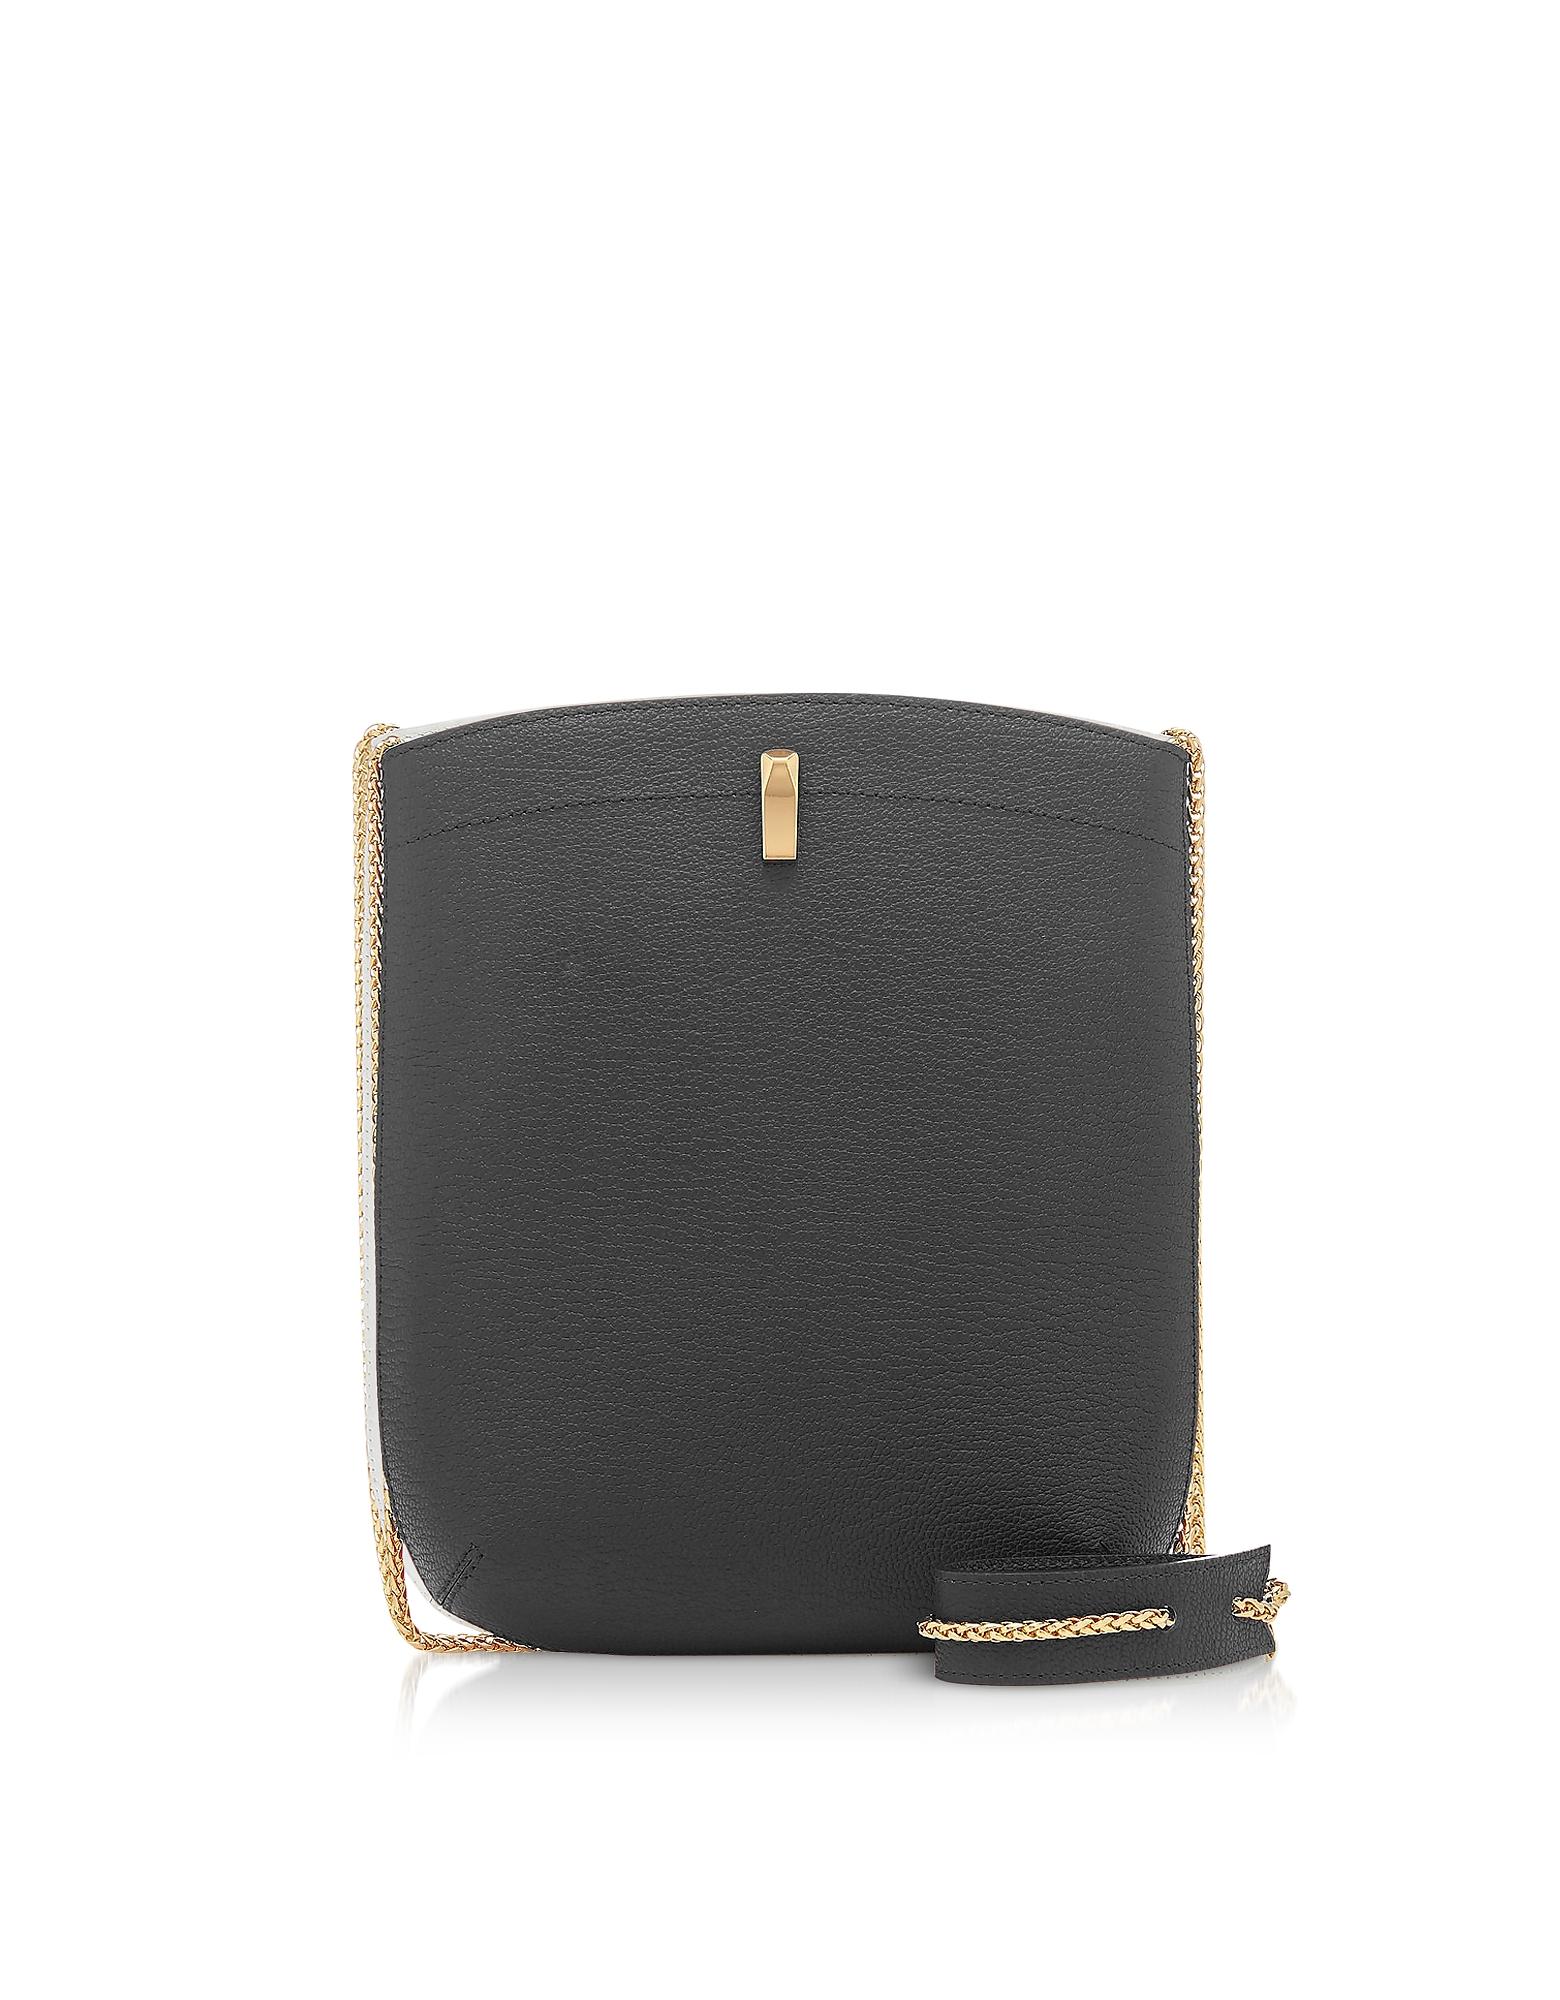 The Volon Designer Handbags, E.Z. Carry Black Leather Bag